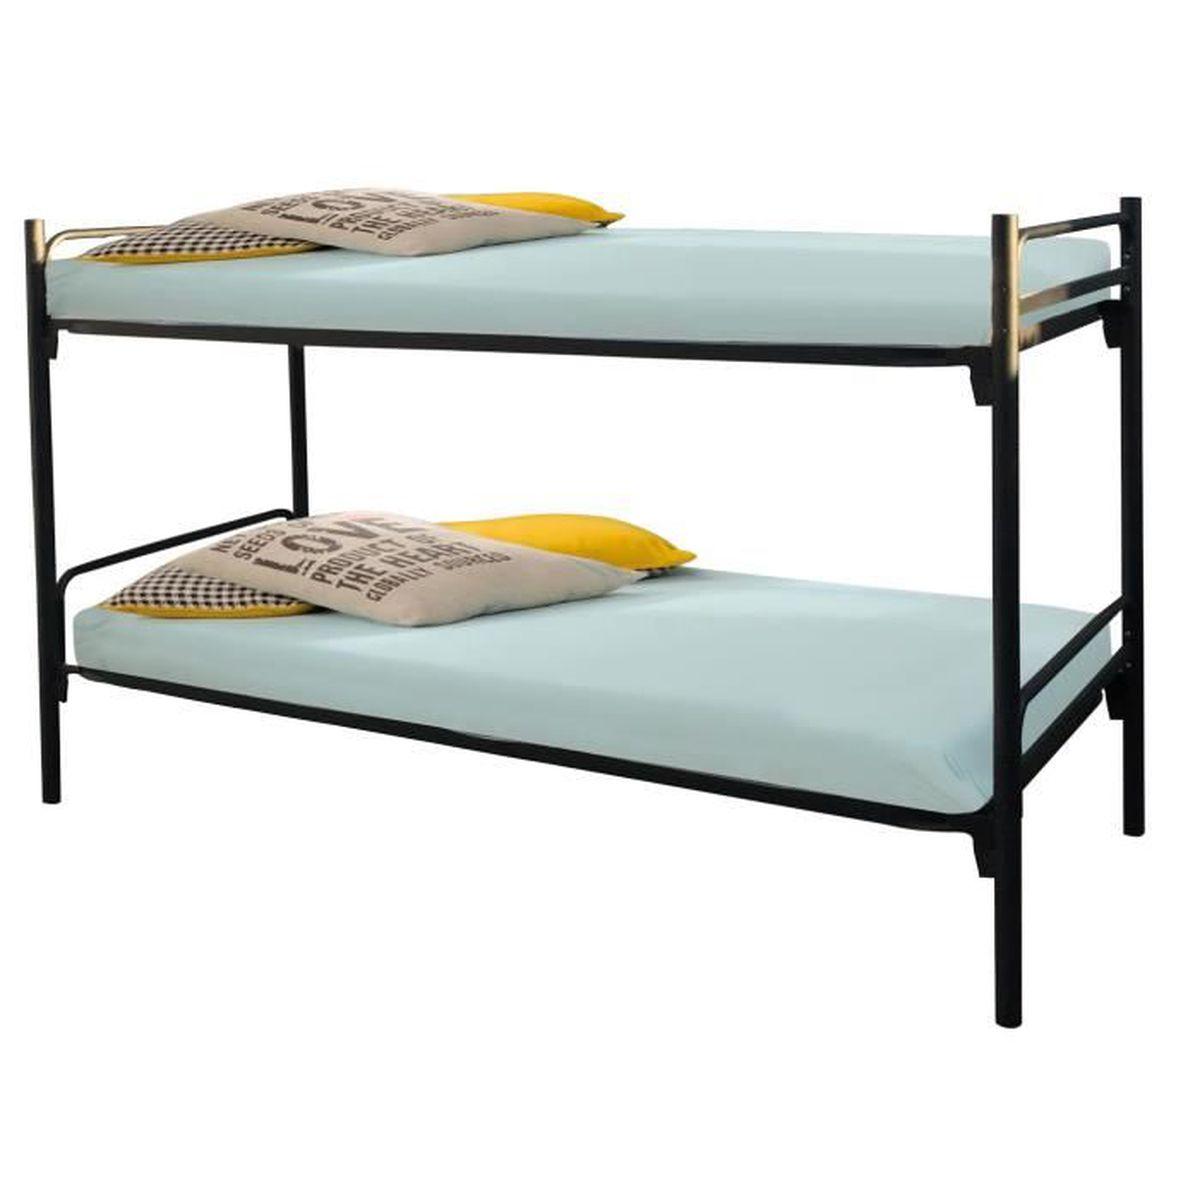 lit superpos 90x200 cm en m tal coloris noir noir achat vente lits superpos s lit superpos. Black Bedroom Furniture Sets. Home Design Ideas